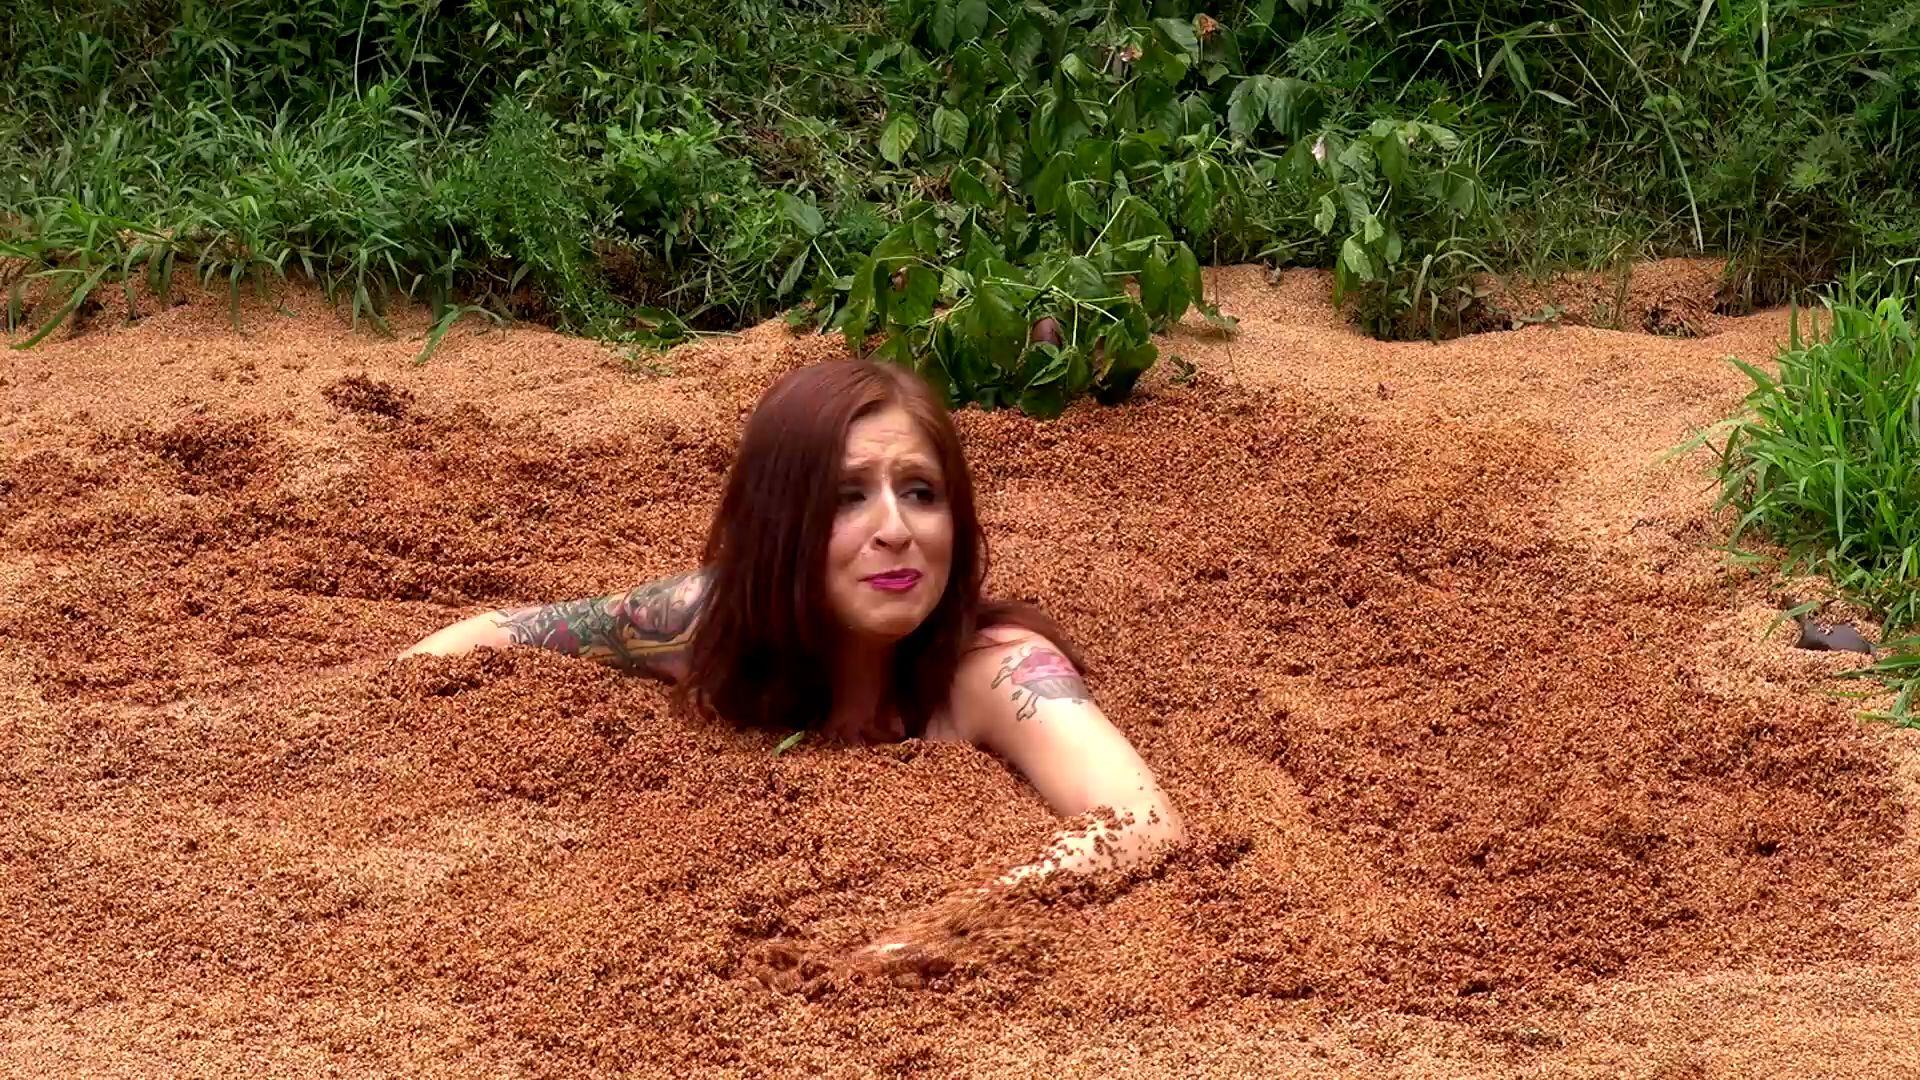 Paris Kennedy quicksand Paris-hollywood-quicksand--gla_14